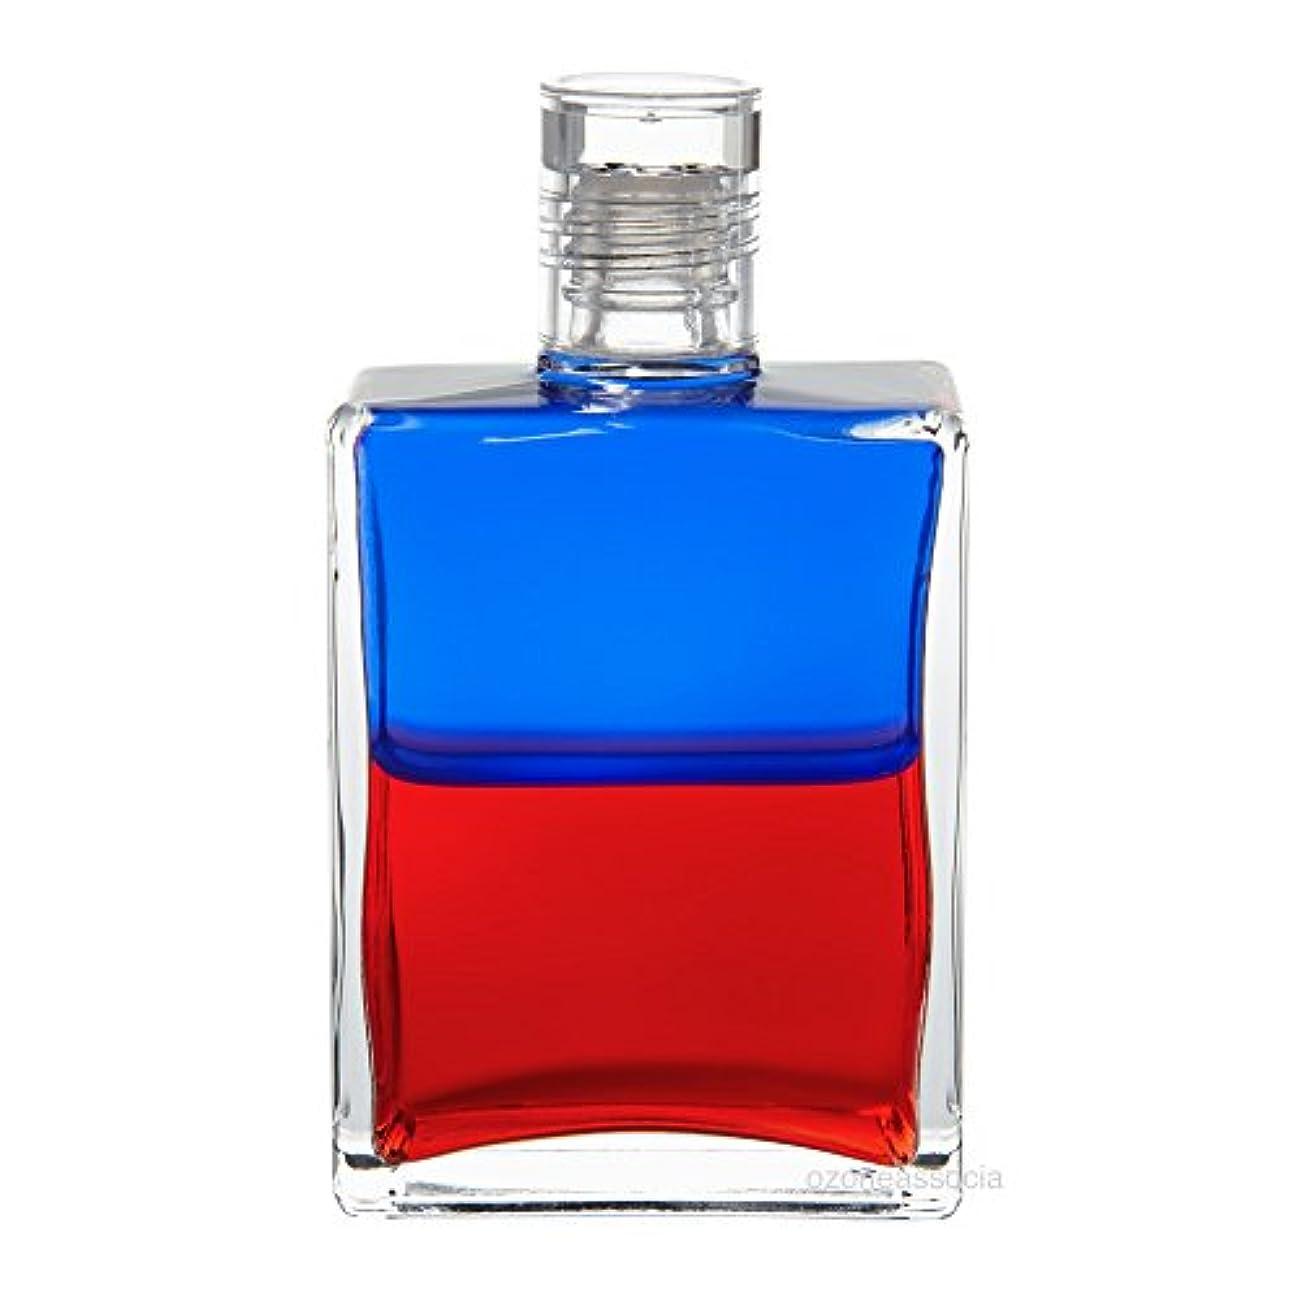 協会道を作るを通してオーラソーマ ボトル 30番  天を地にもたらす (ブルー/レッド) イクイリブリアムボトル50ml Aurasoma